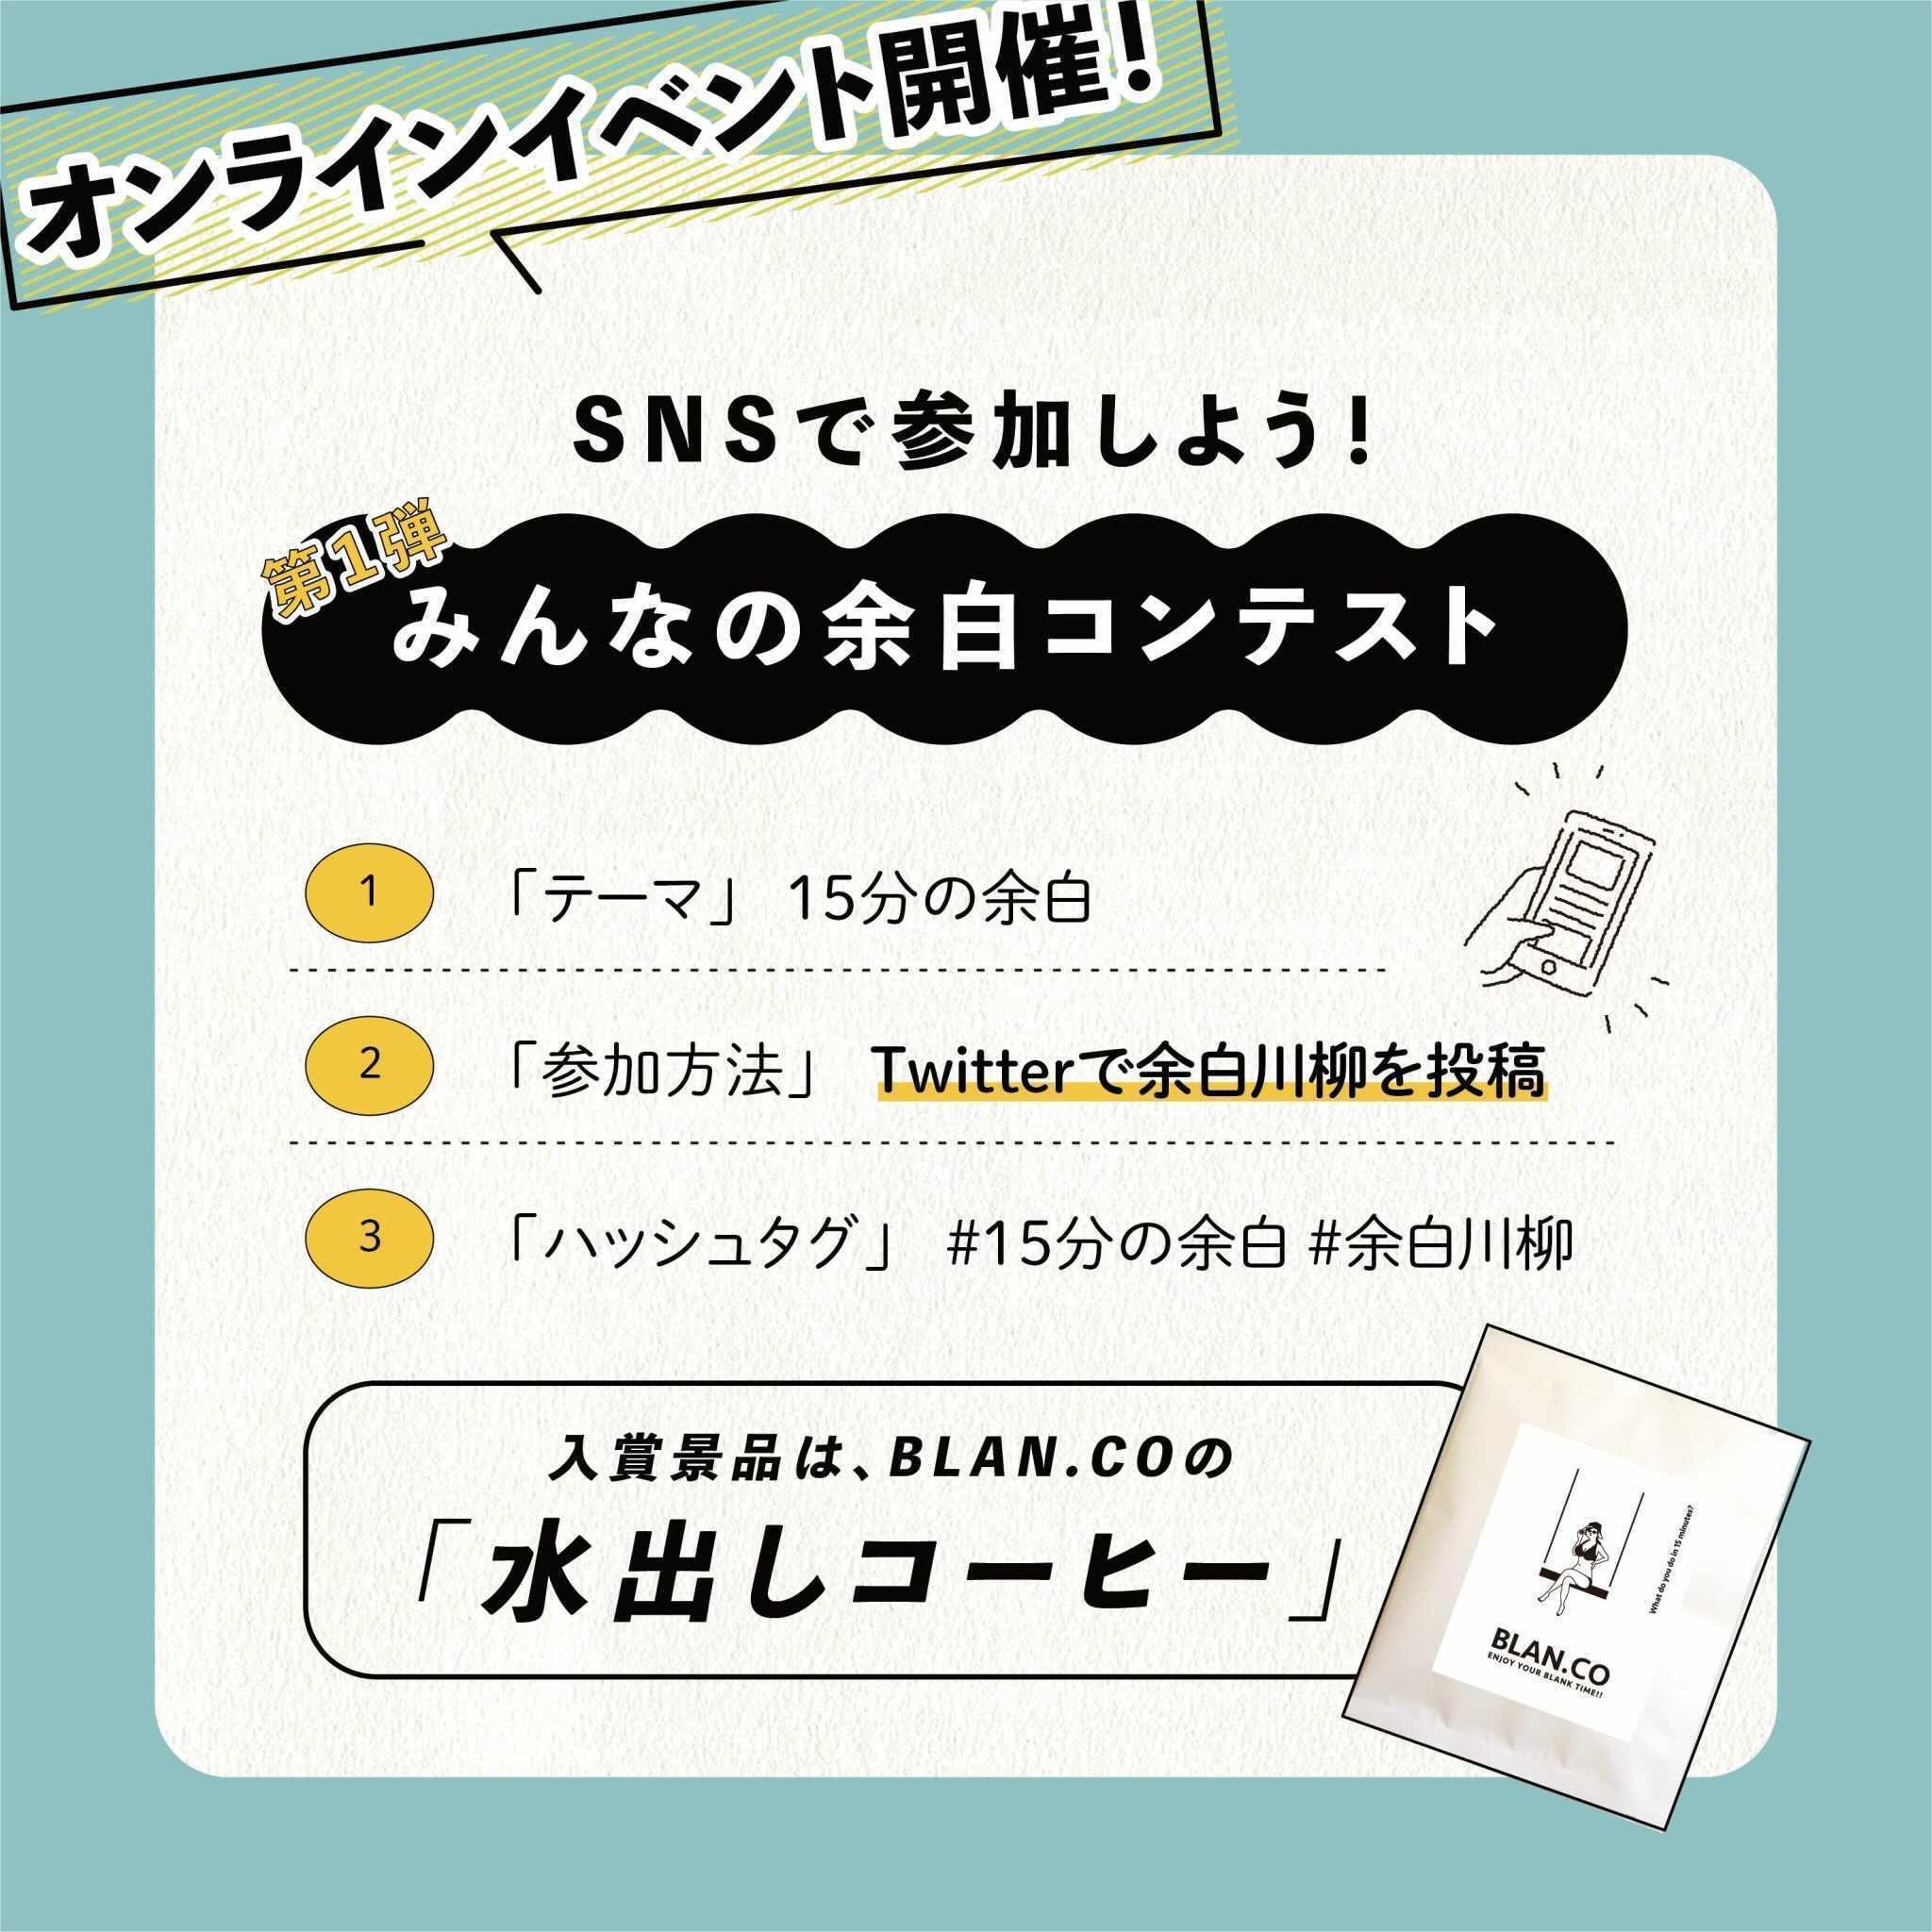 【twitterキャンペーン】皆さまからの『余白川柳』を募集する「みんなの余白コンテスト」を開催中!